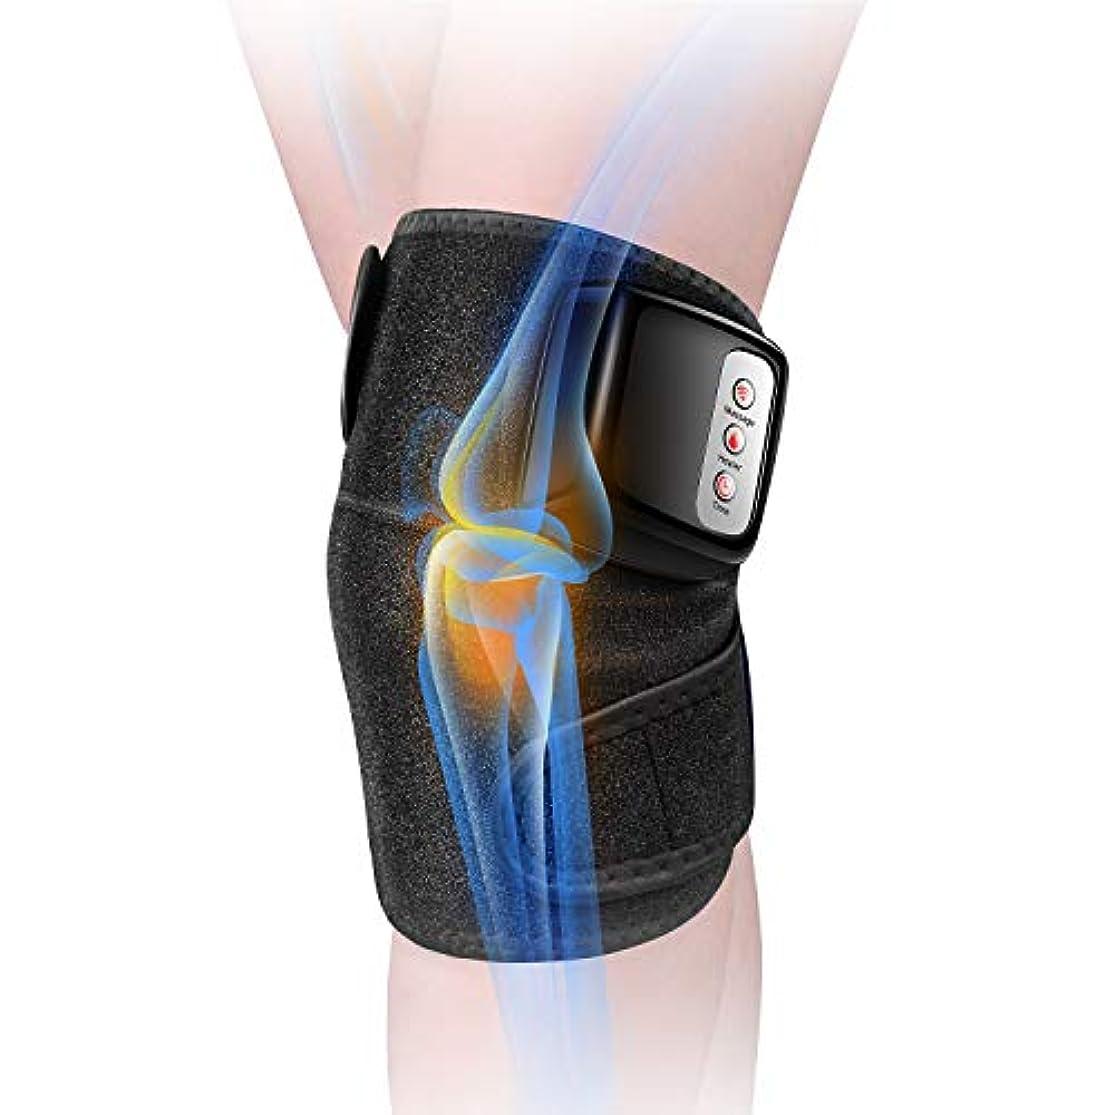 リーガン犯人規範膝マッサージャー 関節マッサージャー マッサージ器 フットマッサージャー 振動 赤外線療法 温熱療法 膝サポーター ストレス解消 肩 太もも/腕対応